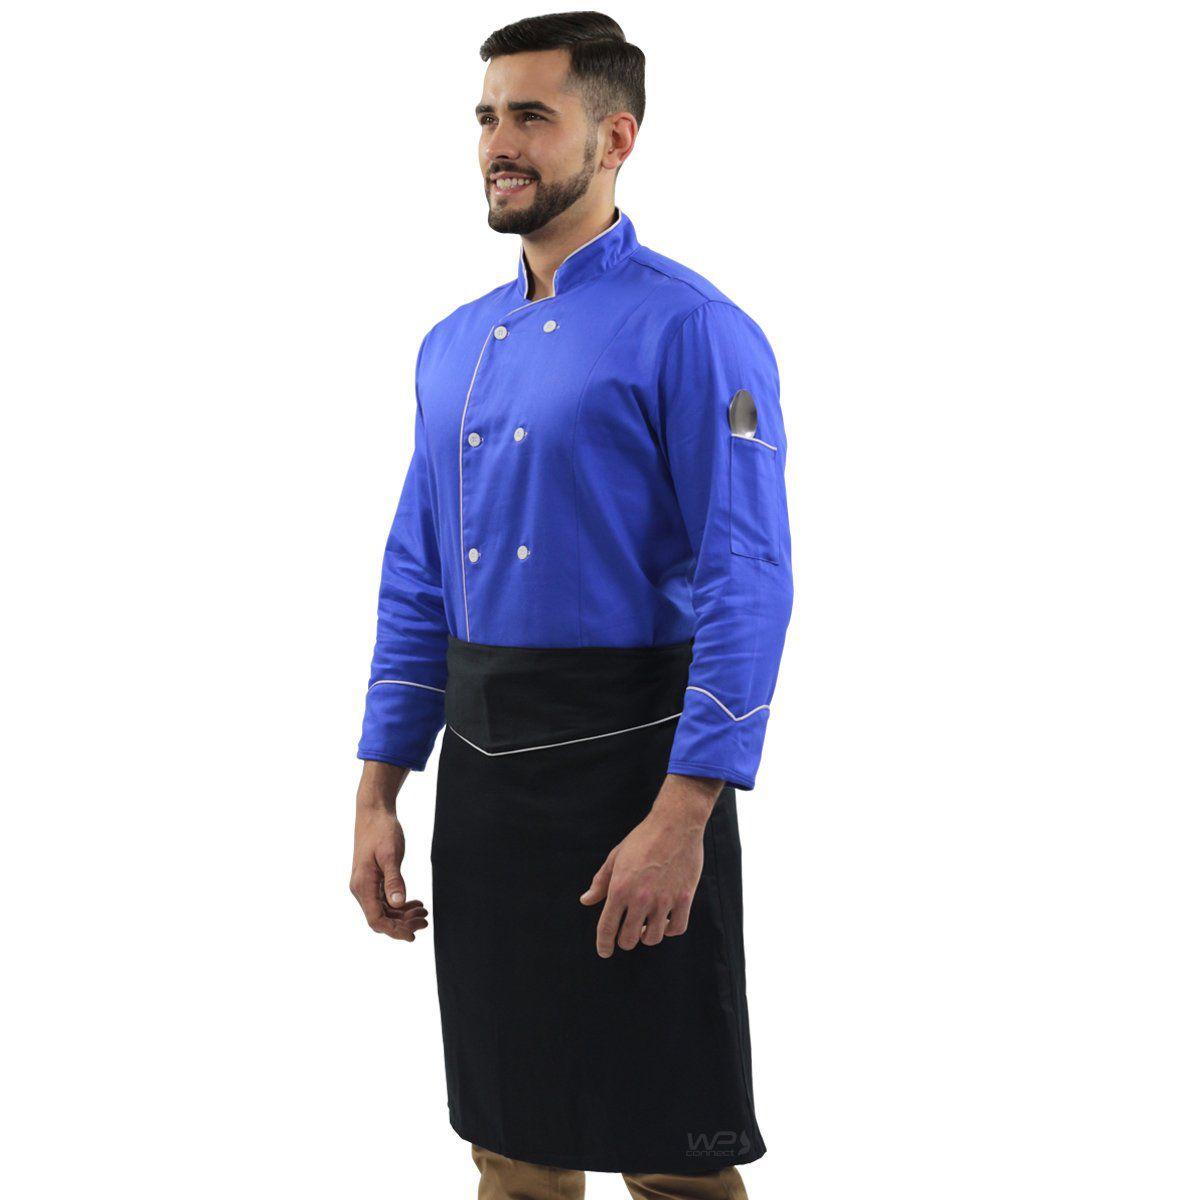 Kit Dólmã Chef de Cozinha Azul Elegance Avental de Cintura Preto